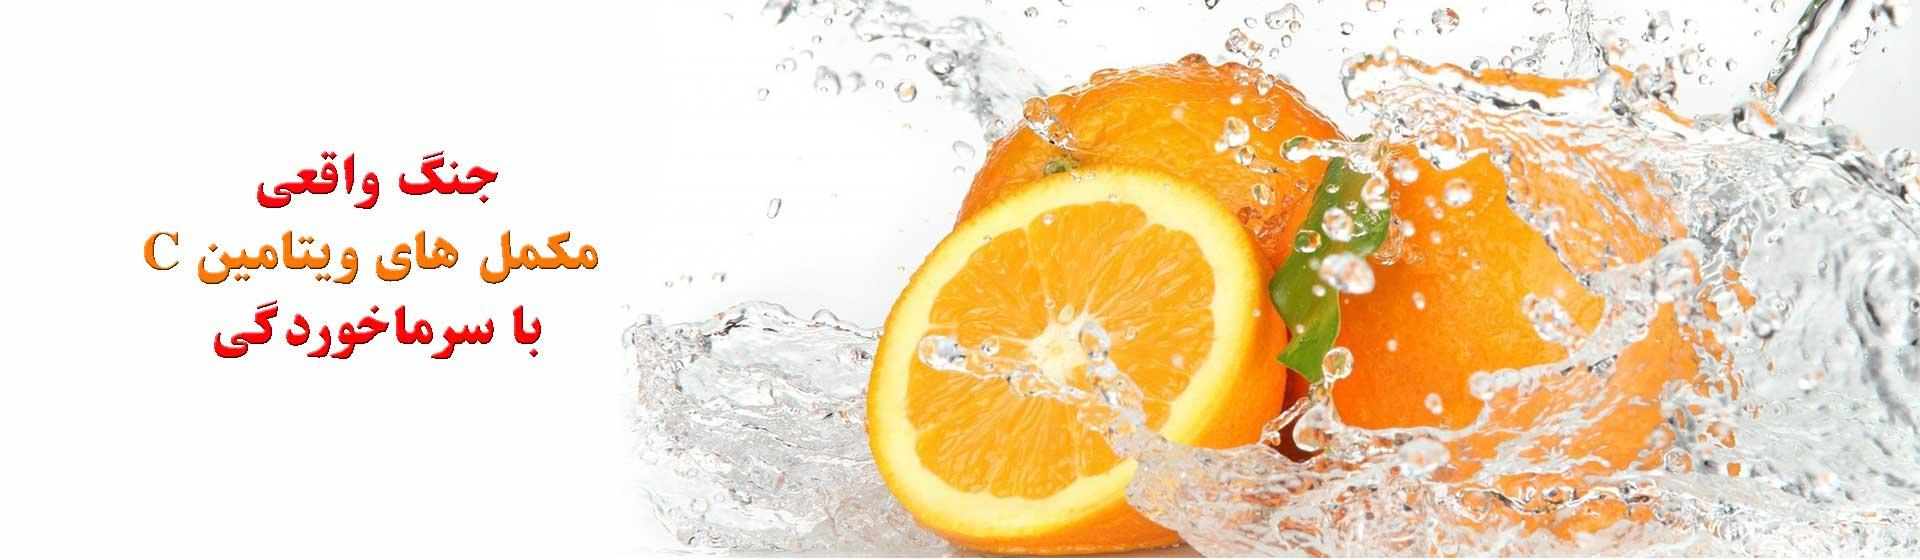 ویتامین-ث-و-سرماخوردگی